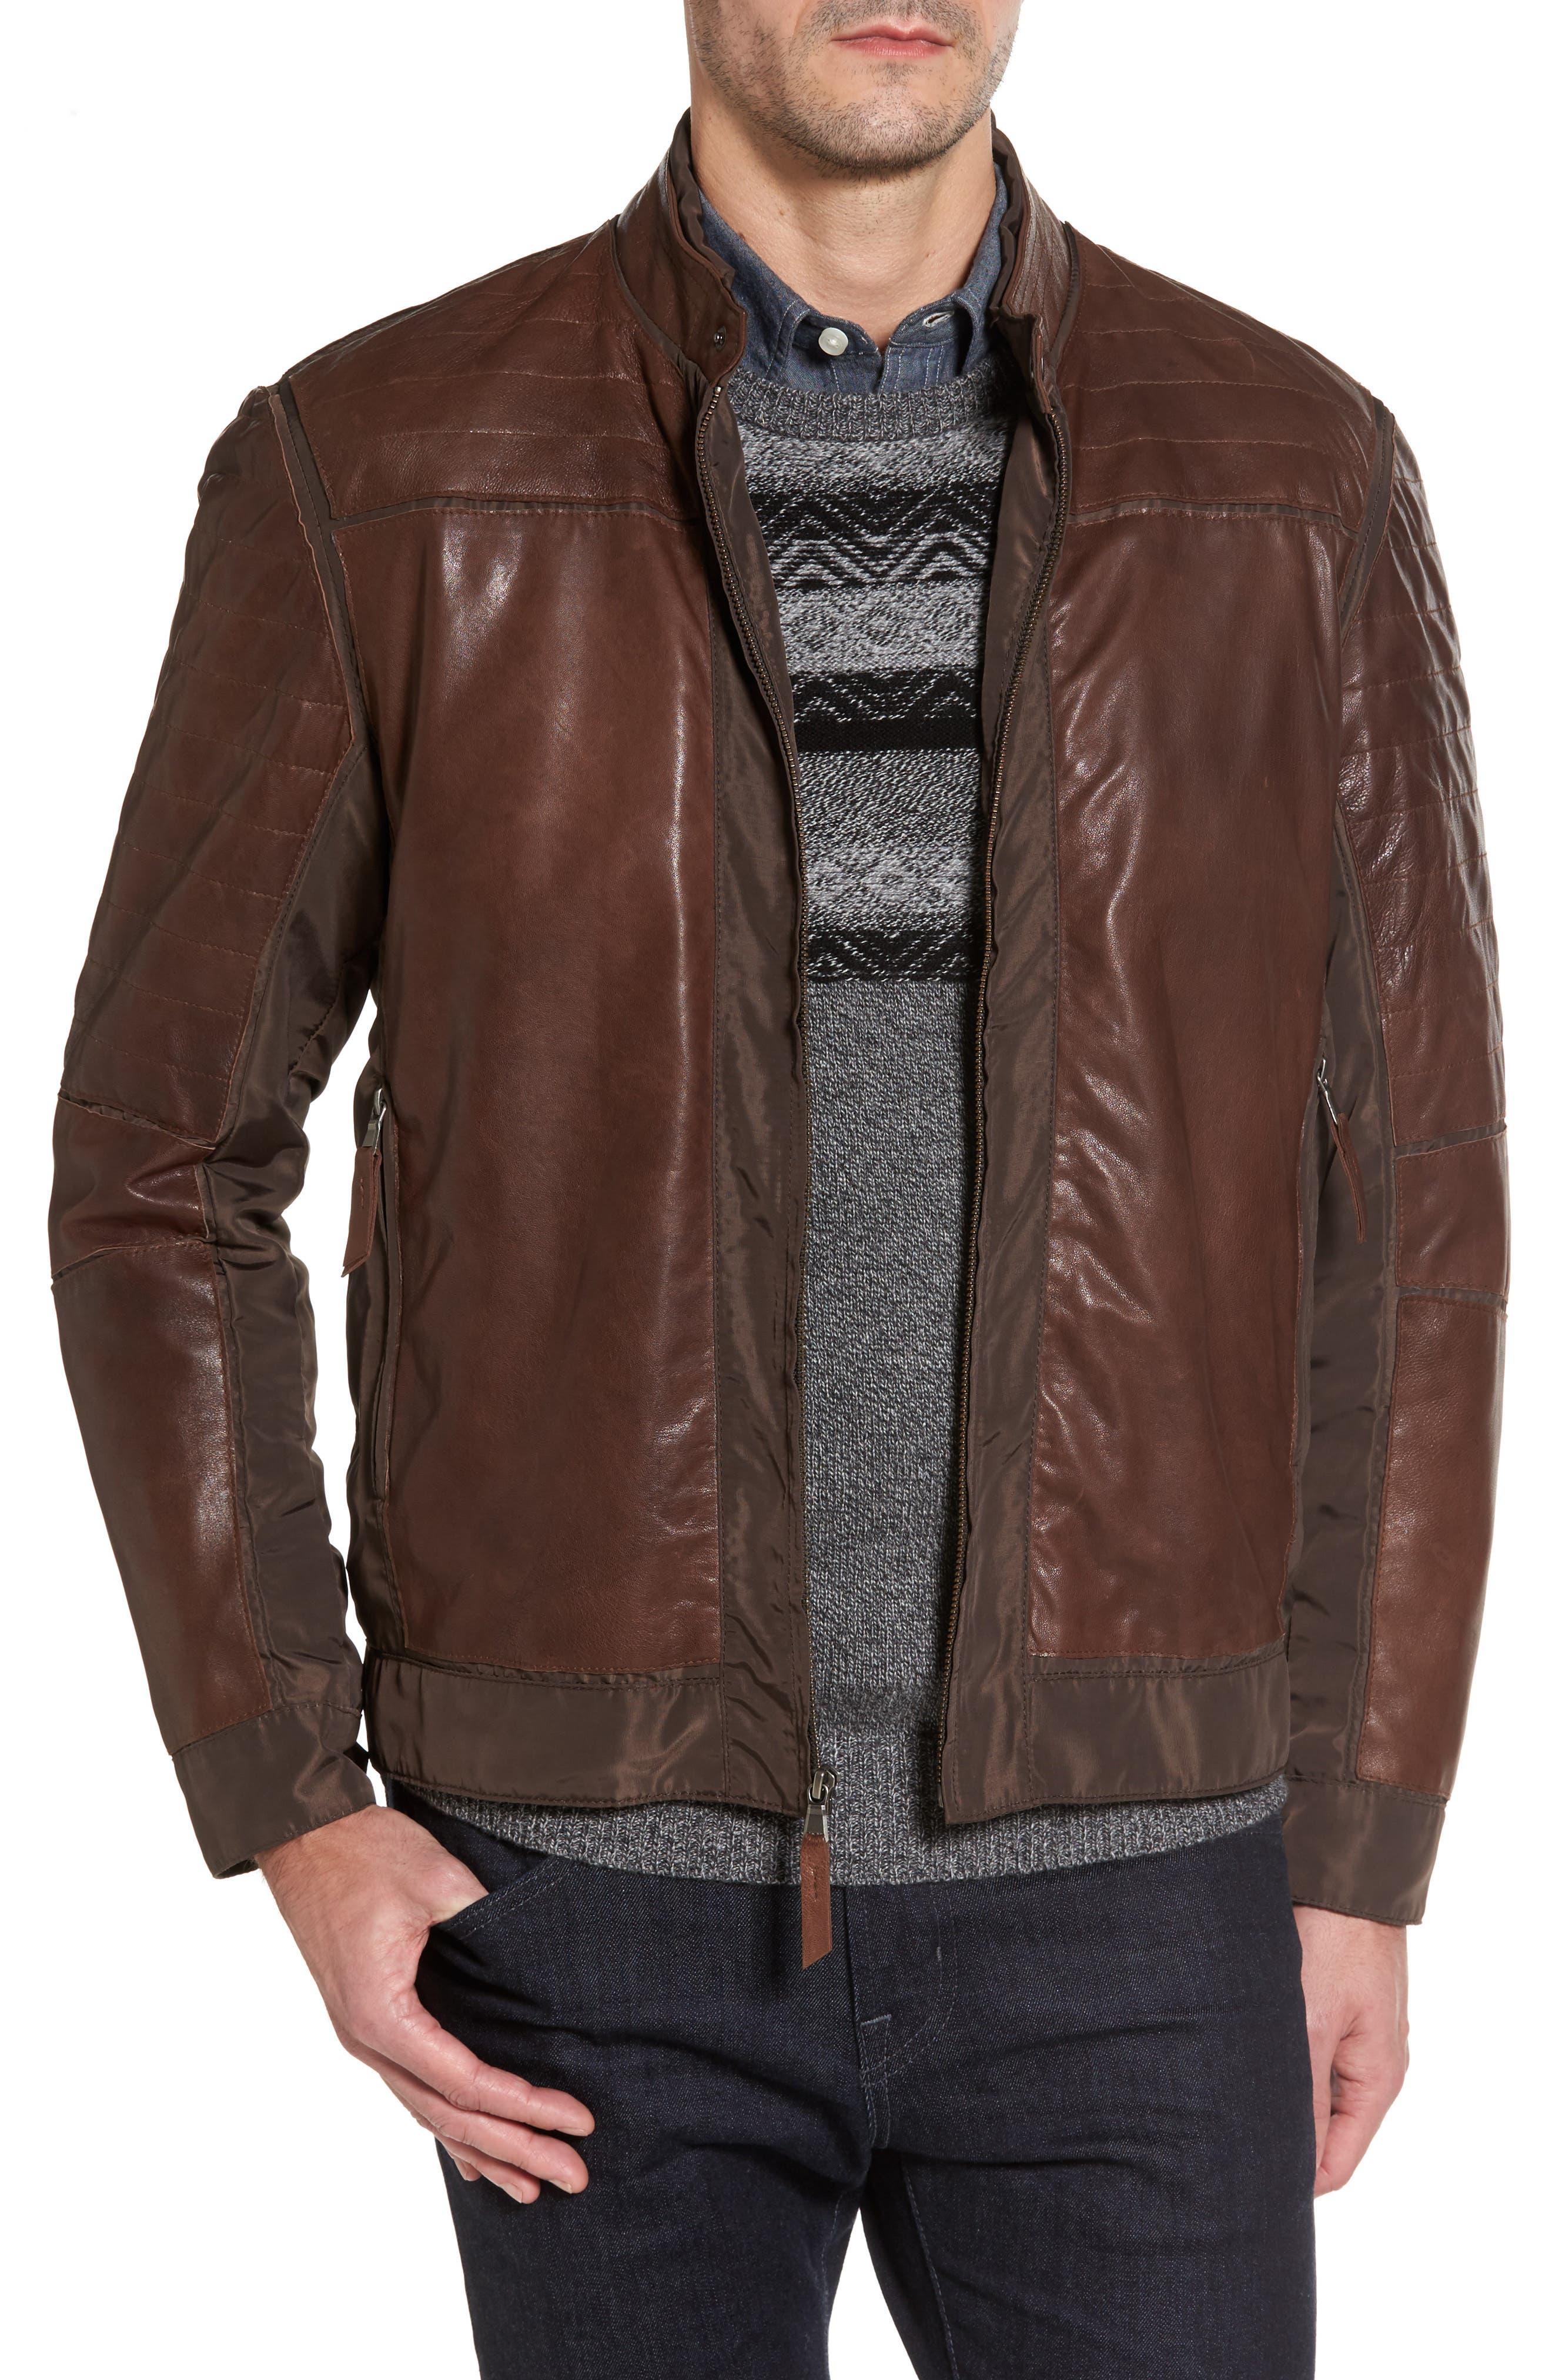 Main Image - Missani Le Collezioni Leather Panel Nylon Jacket